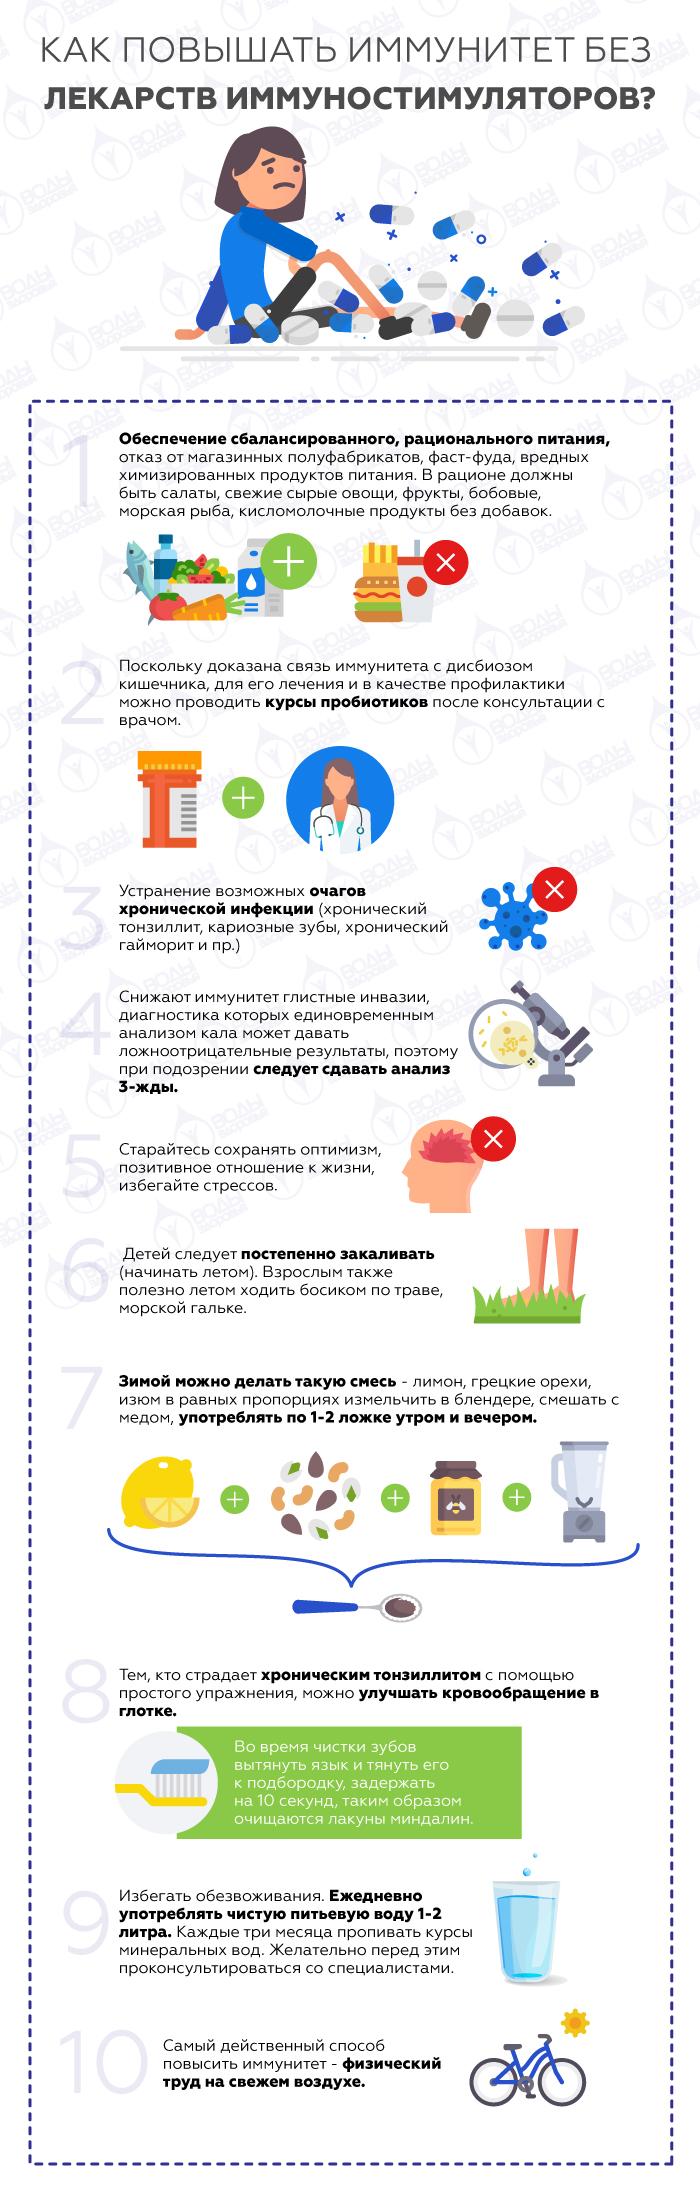 Как поднять иммунитет взрослому человеку: препараты